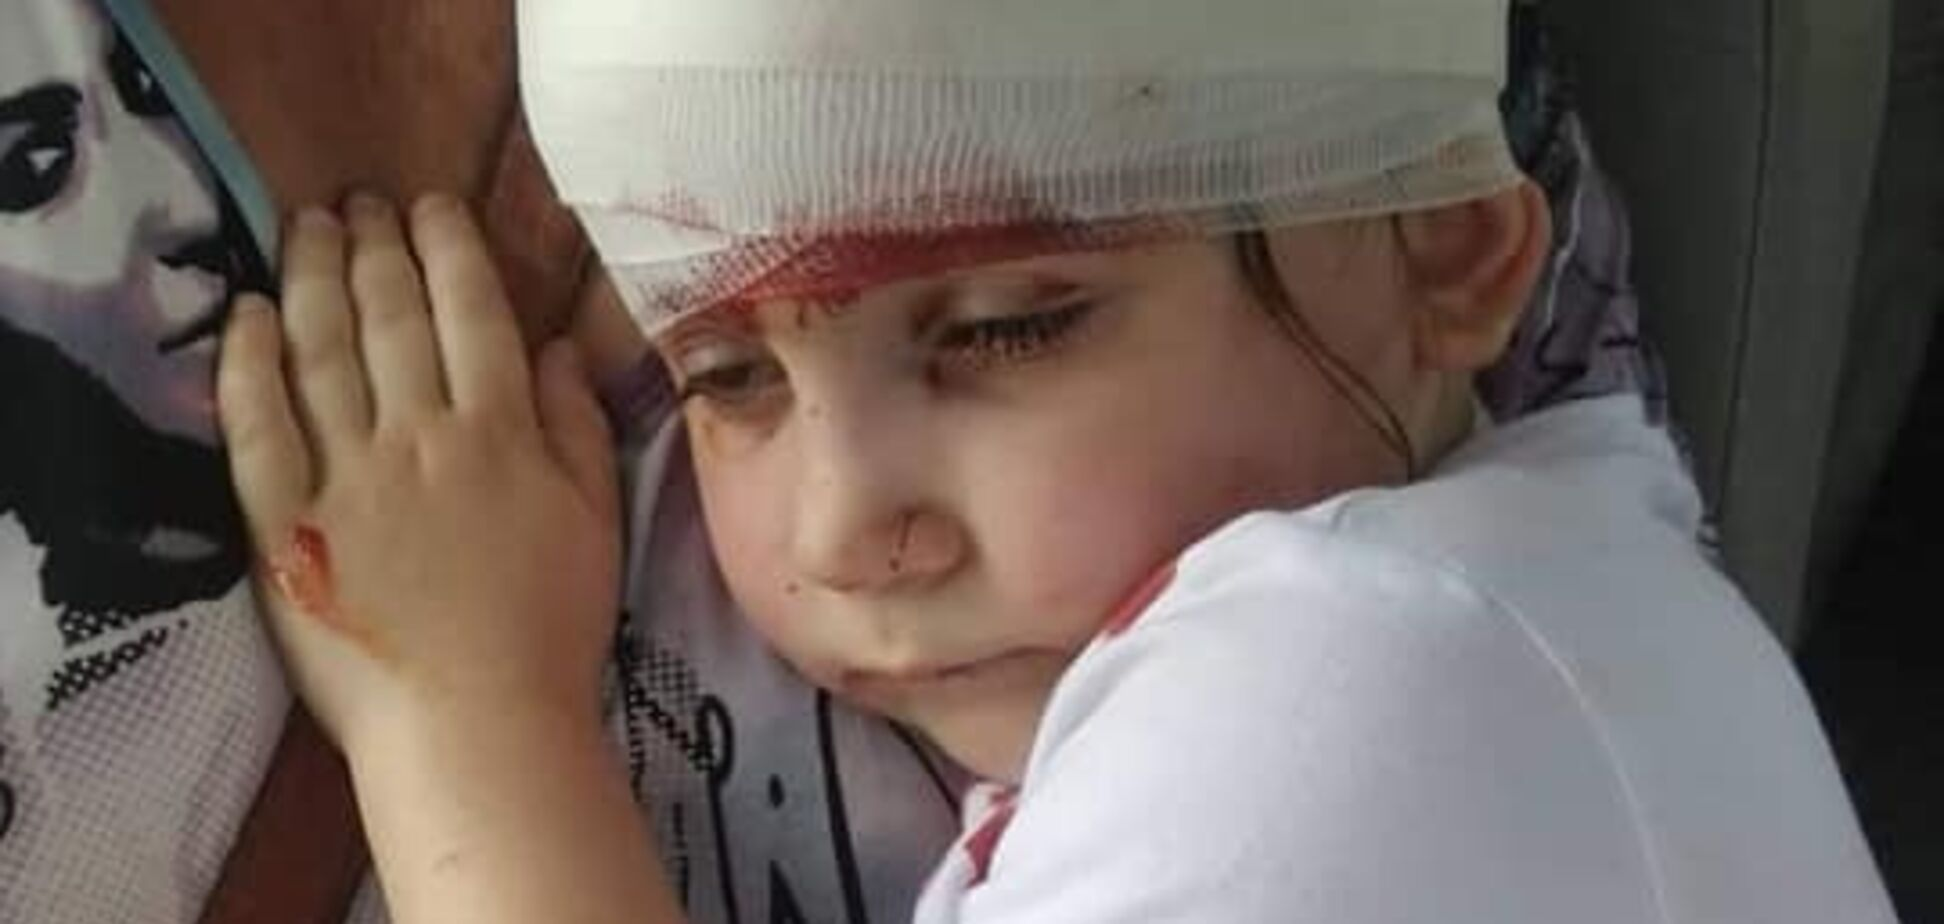 'Зашиють і все!' На Івано-Франківщині трапилася жахлива трагедія з дитиною. Фото 18+